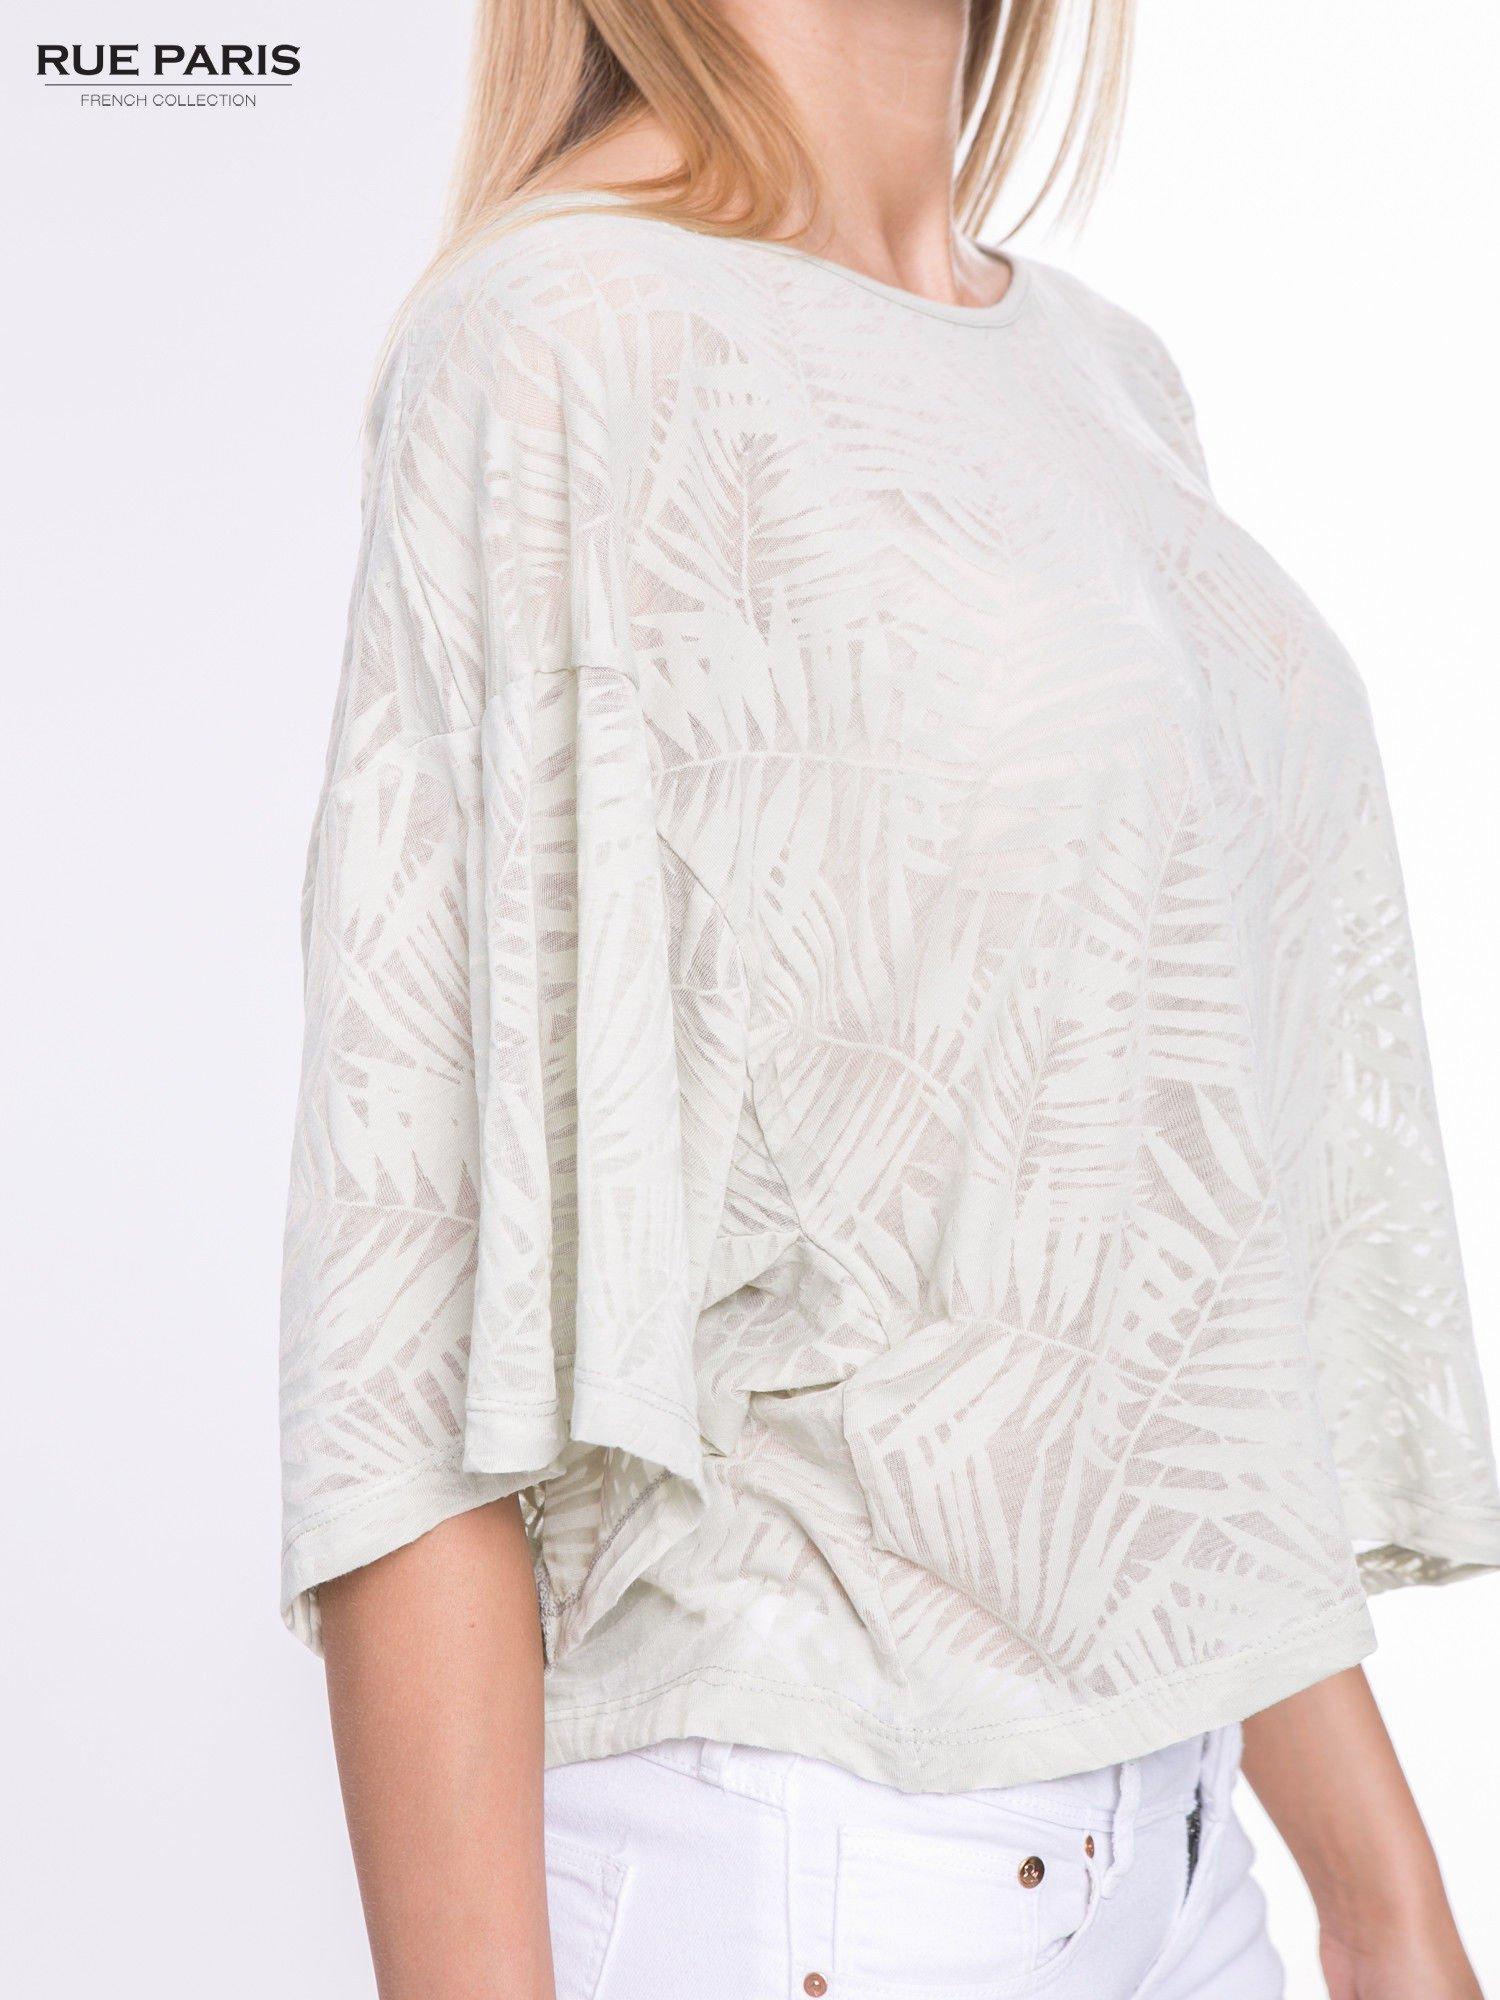 Miętowy t-shirt w transparentny nadruk palm o kimonowym kroju                                  zdj.                                  6